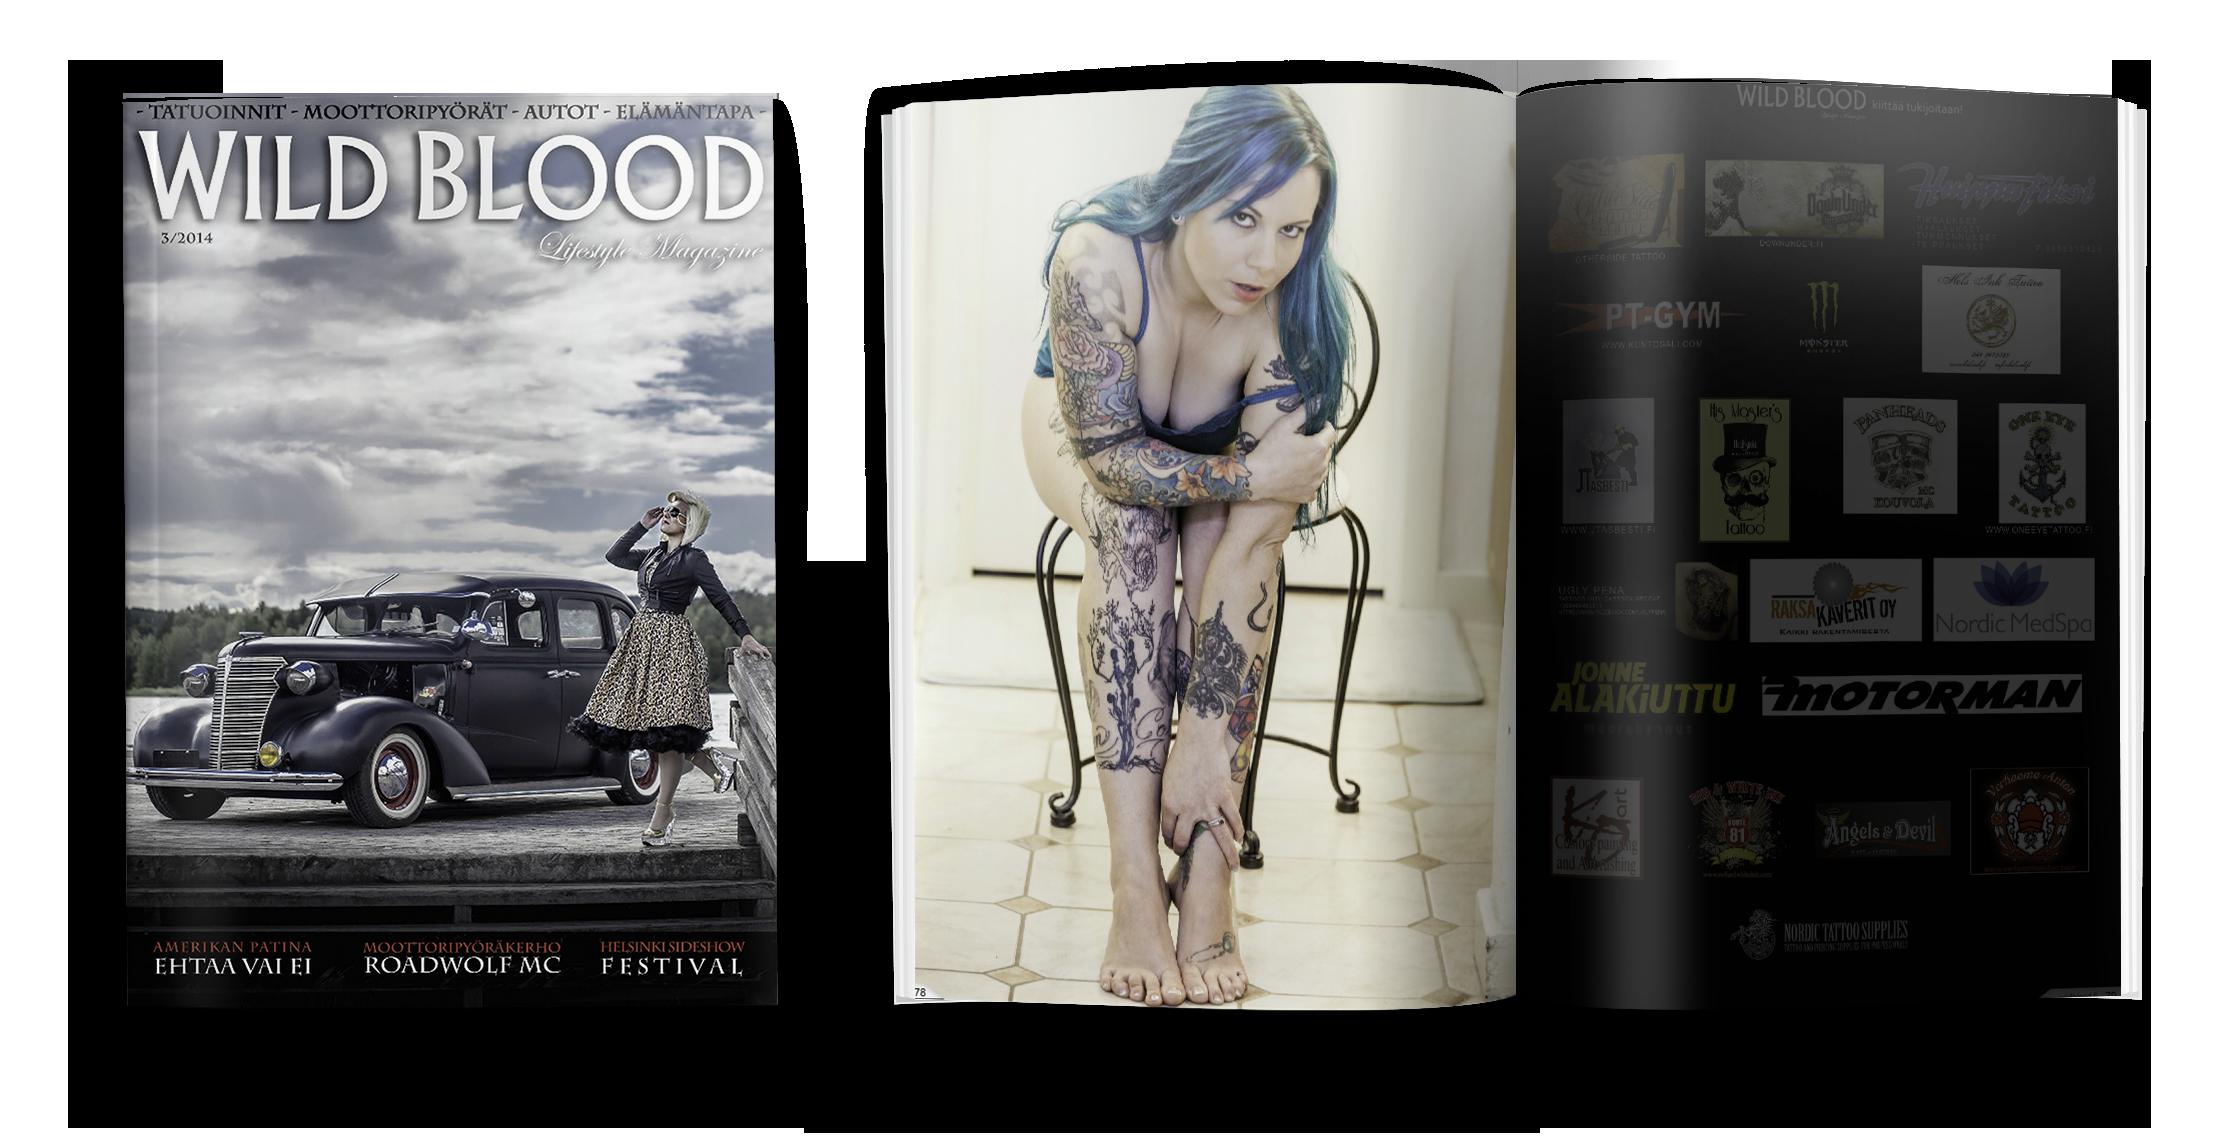 Wild_Blood_Magazine_03-2014_Render3.png